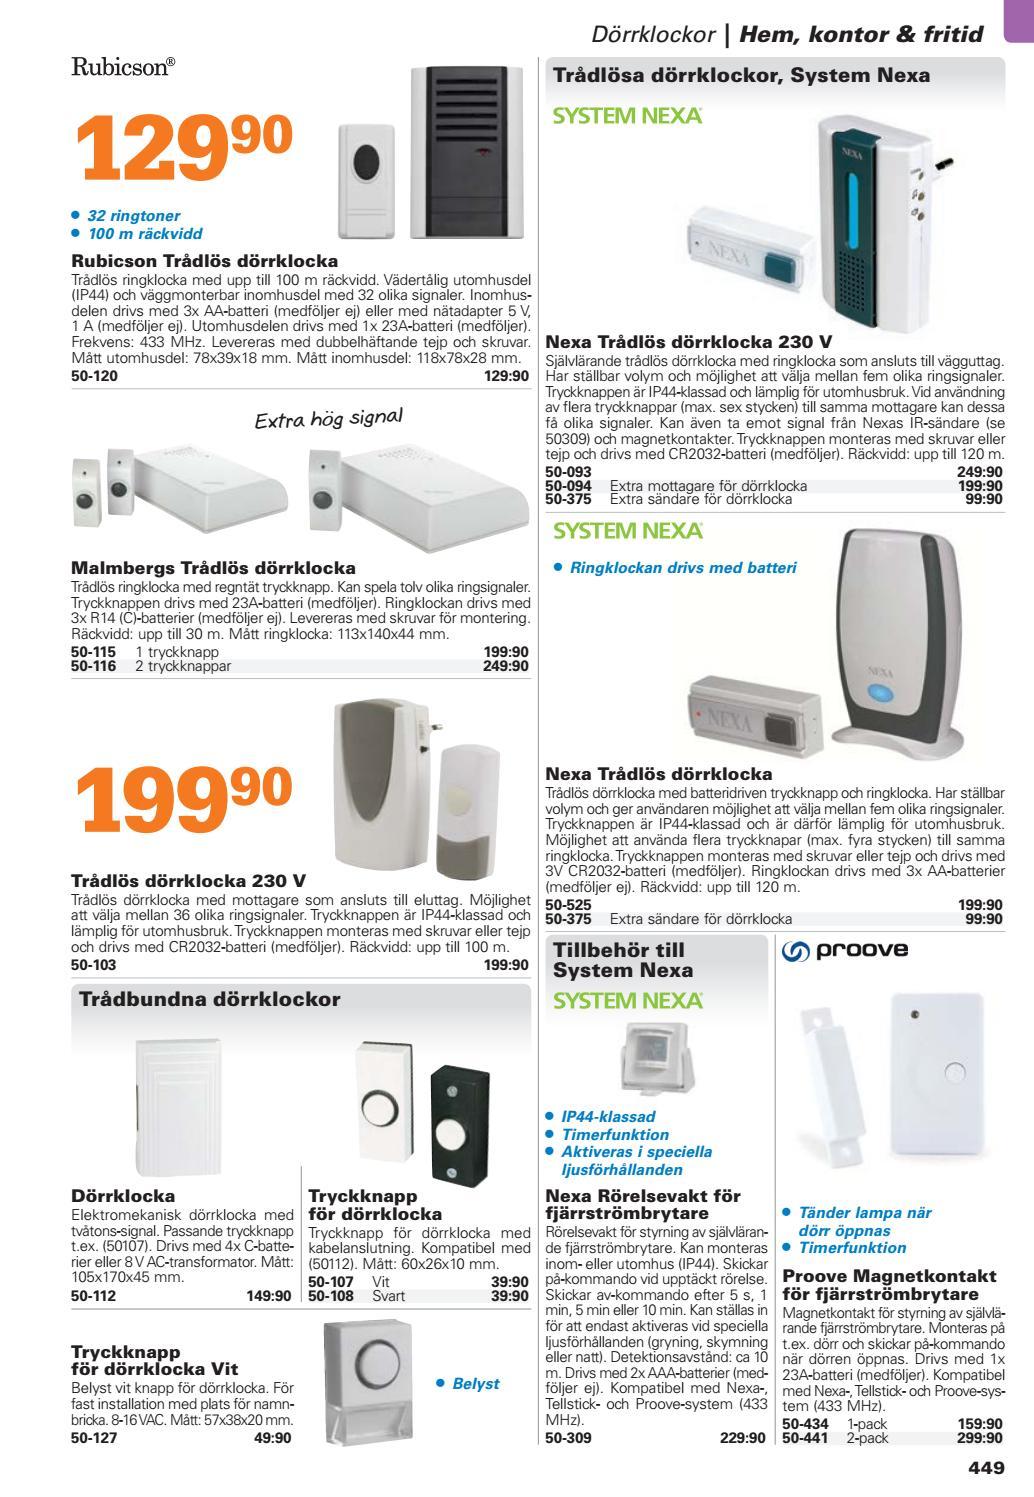 Kjell & Company Katalog 44 Sverige - Kapitel 5: Hem, kontor och ...